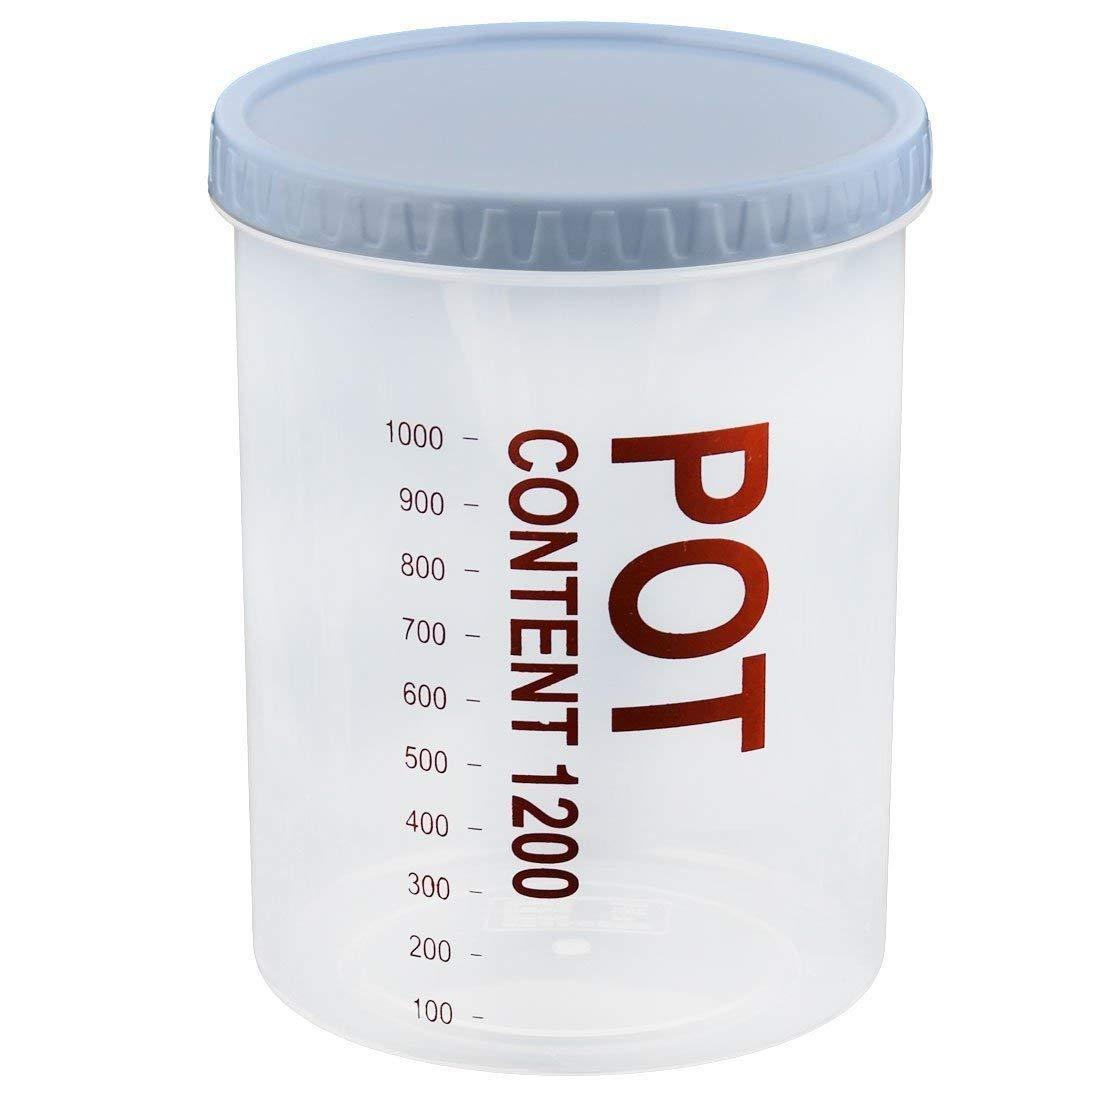 Full Size of Aufbewahrungsbehälter Küche Keramik Aufbewahrungsbehälter Küche Kaufen Aufbewahrungsbehälter Küche Glas Aufbewahrungsbehälter Küchenutensilien Küche Aufbewahrungsbehälter Küche